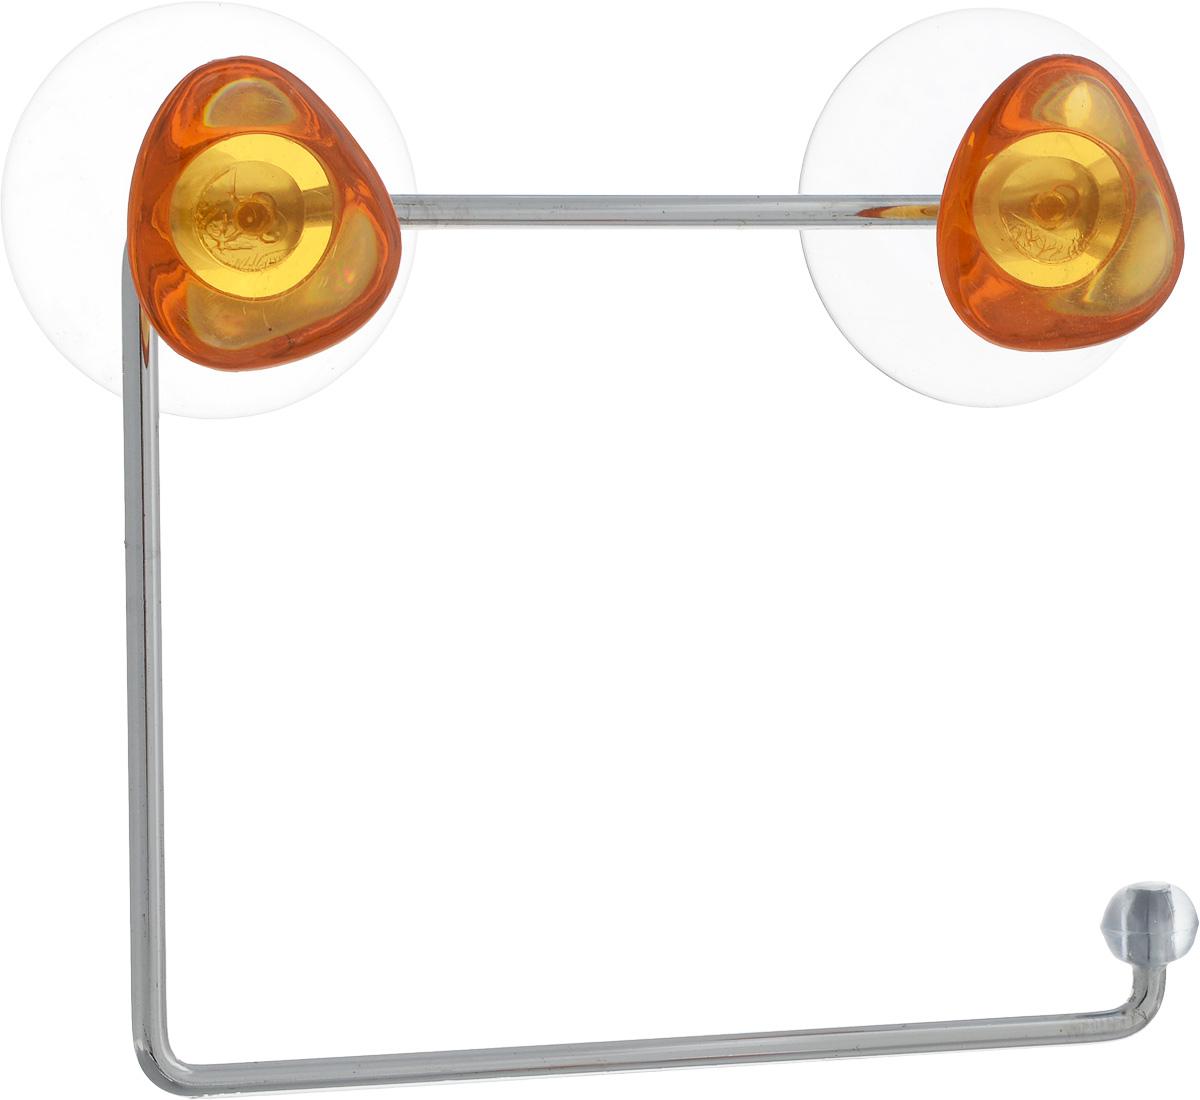 Держатель для туалетной бумаги Axentia Amica, на присосках, цвет: оранжевый, стальной282032_оранжевыйДержатель для туалетной бумаги Axentia Amica изготовлен из высококачественной стали с хромированным покрытием, которое устойчиво к влажности и перепадам температуры. Держатель поможет оформить интерьер в выбранном стиле. Он хорошо впишется в любой интерьер, придавая ему черты современности. Для большего удобства изделие крепится с помощью двух присосок из поливинилхлорида (входят в комплект), что дает возможность при необходимости менять их месторасположение. Размер держателя: 15 х 12,5 х 4 см. Диаметр присоски: 5,5 см.